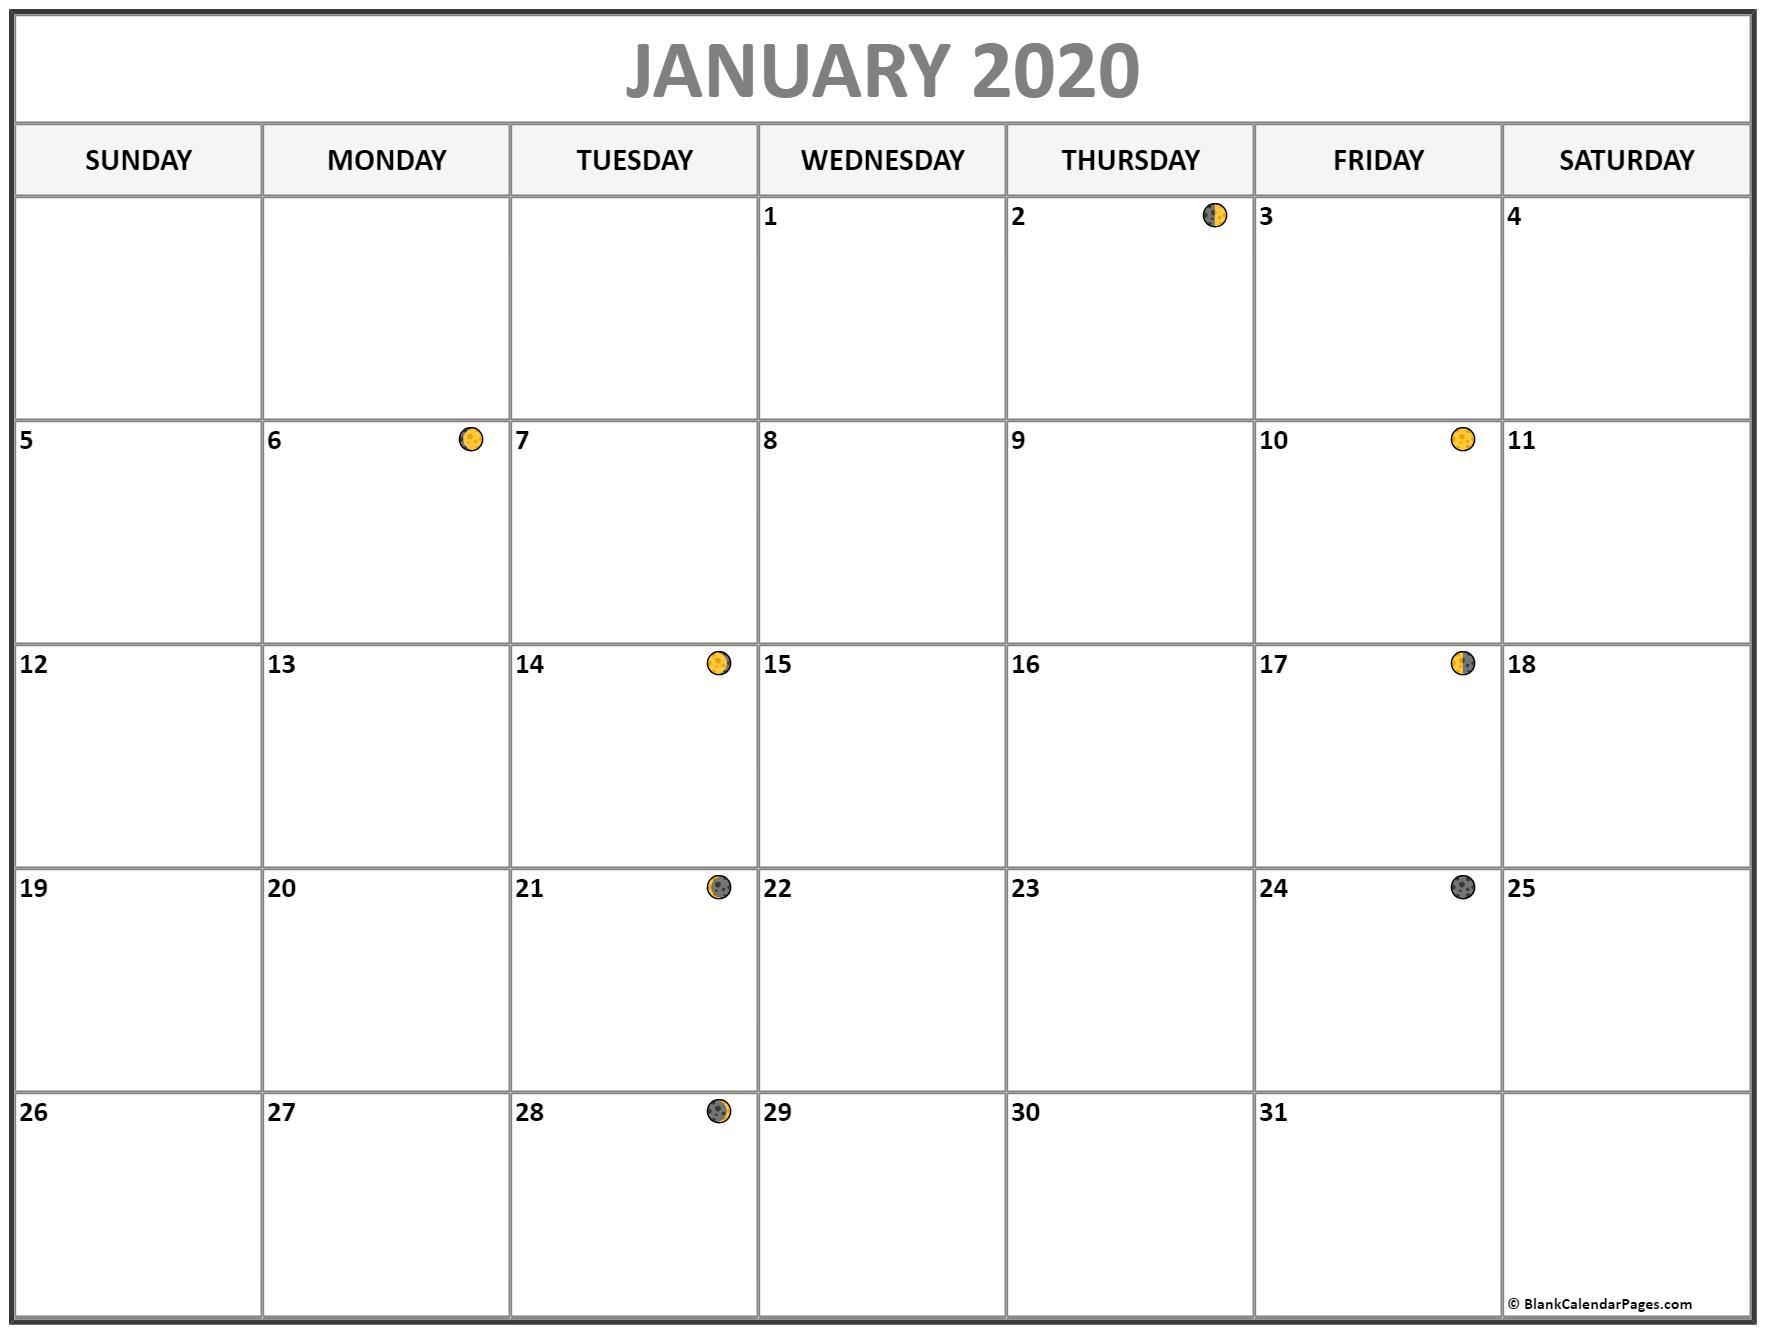 January 2020 Lunar Calendar | Moon Phase Calendar